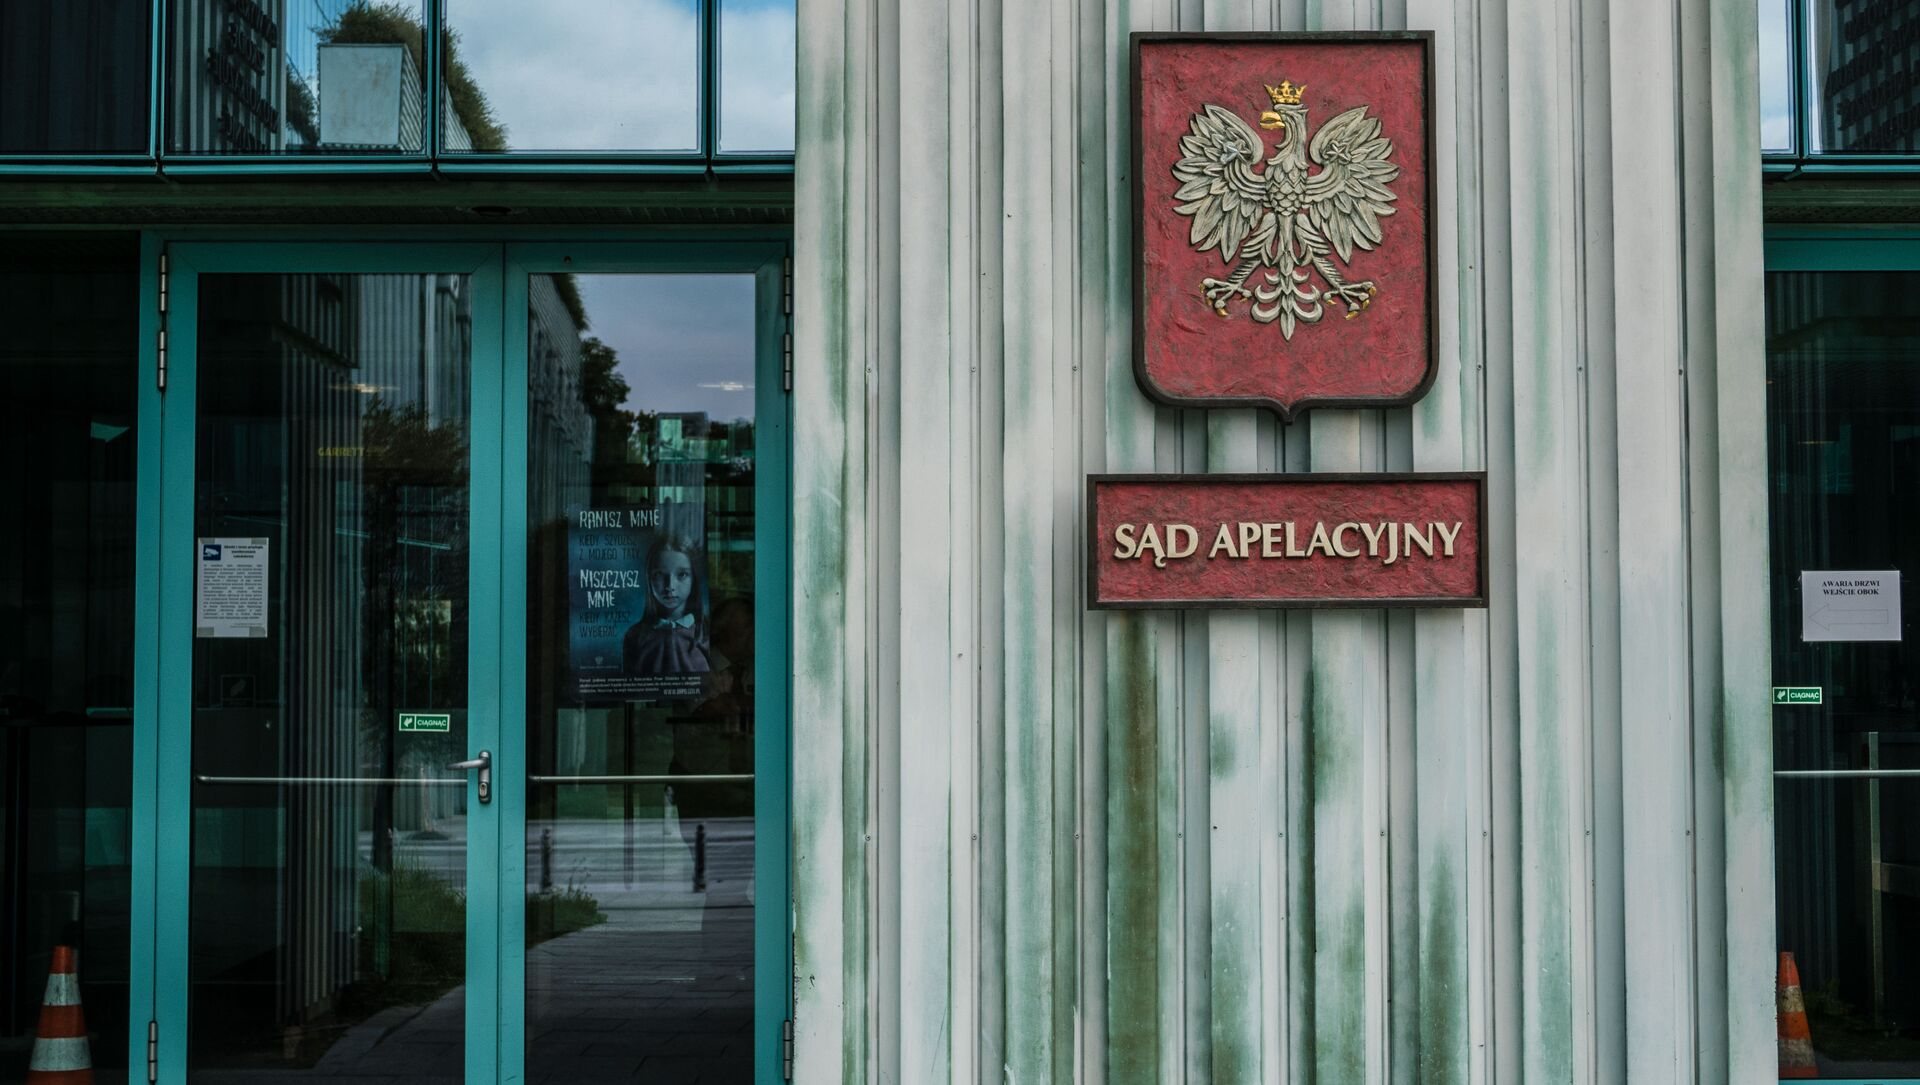 Sąd apelacyjny. Warszawa - Sputnik Polska, 1920, 22.04.2021